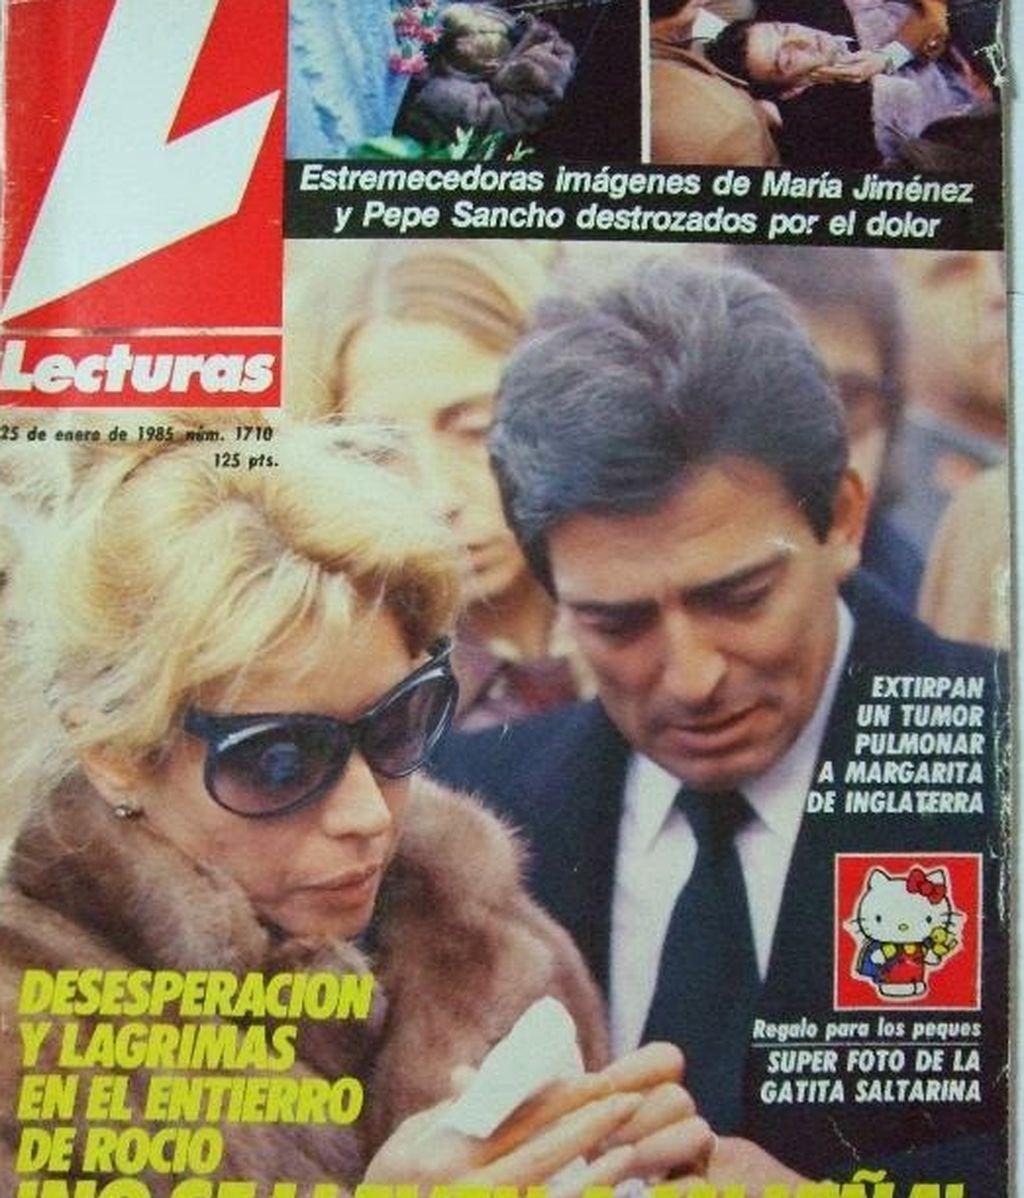 María Jiménez accidente2